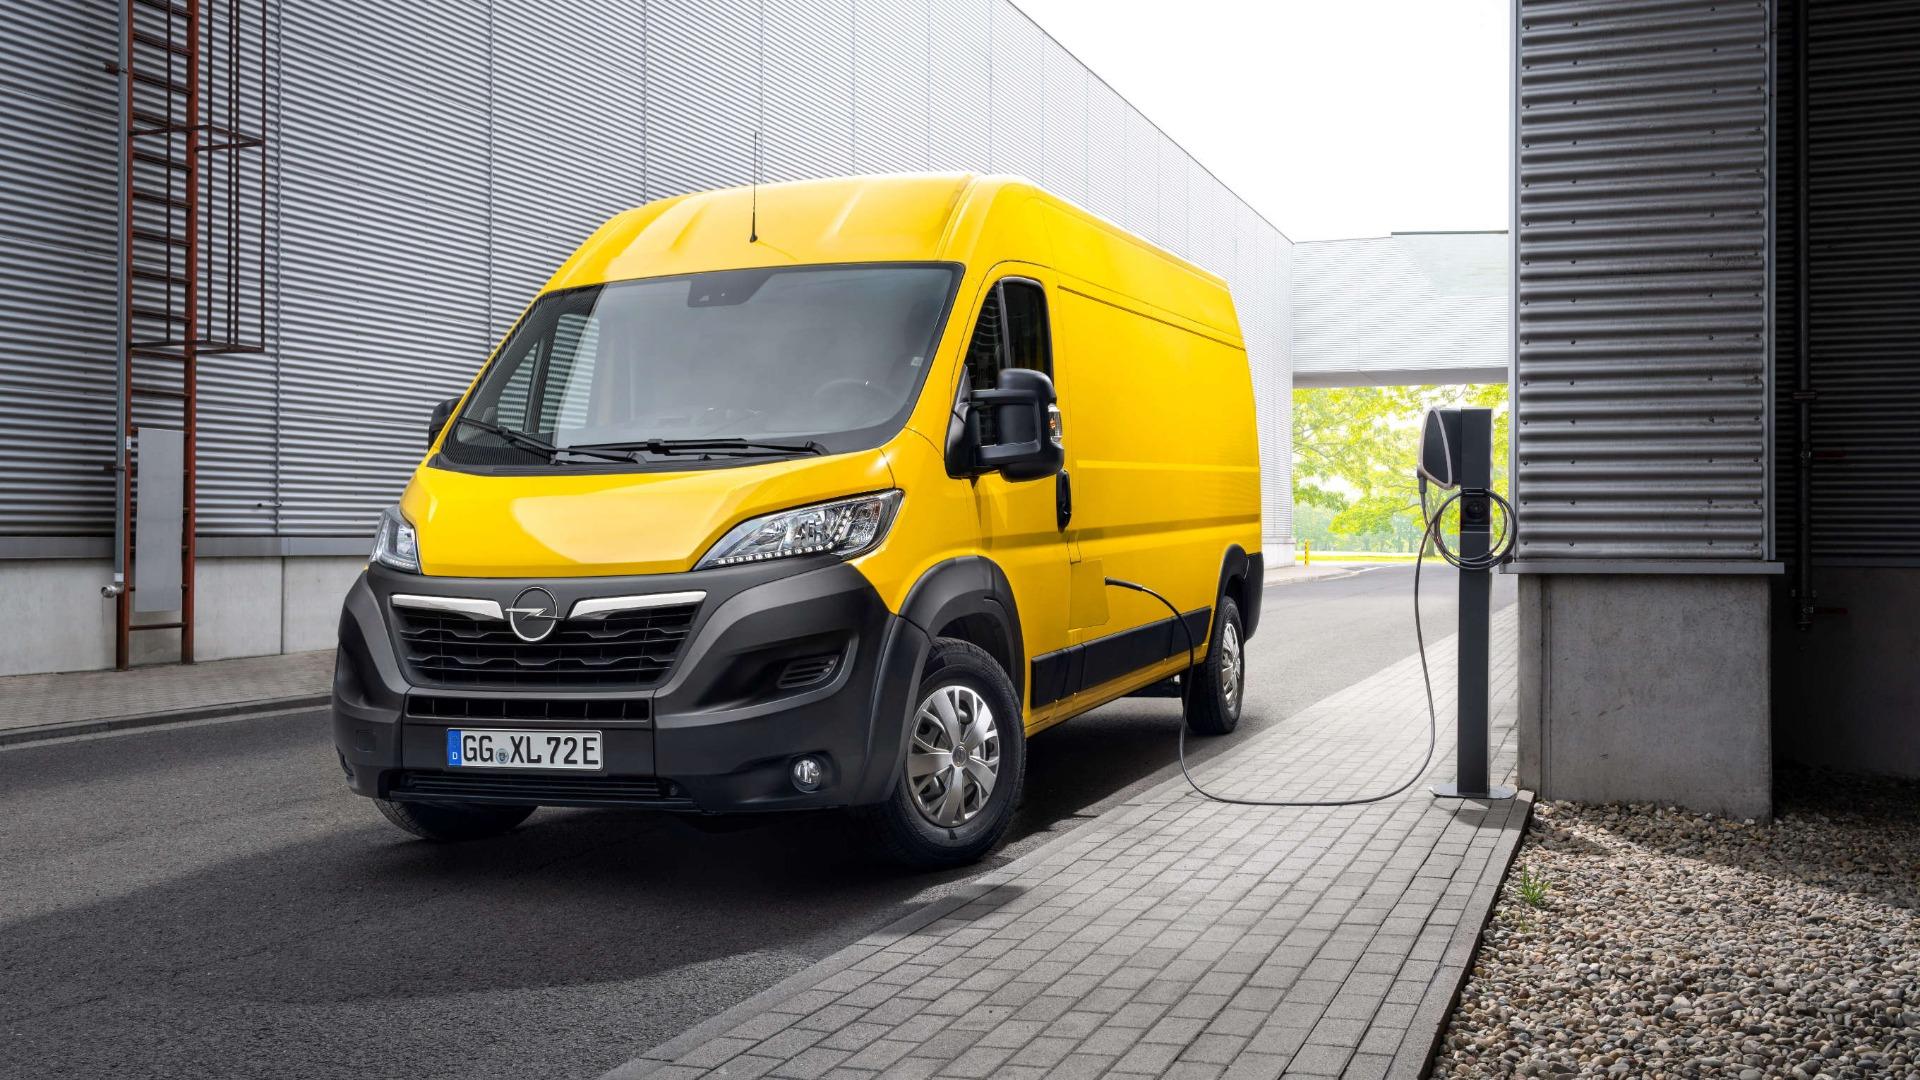 Opel Movano, зовнішній вигляд, у процесі перезаряджання акумуляторів